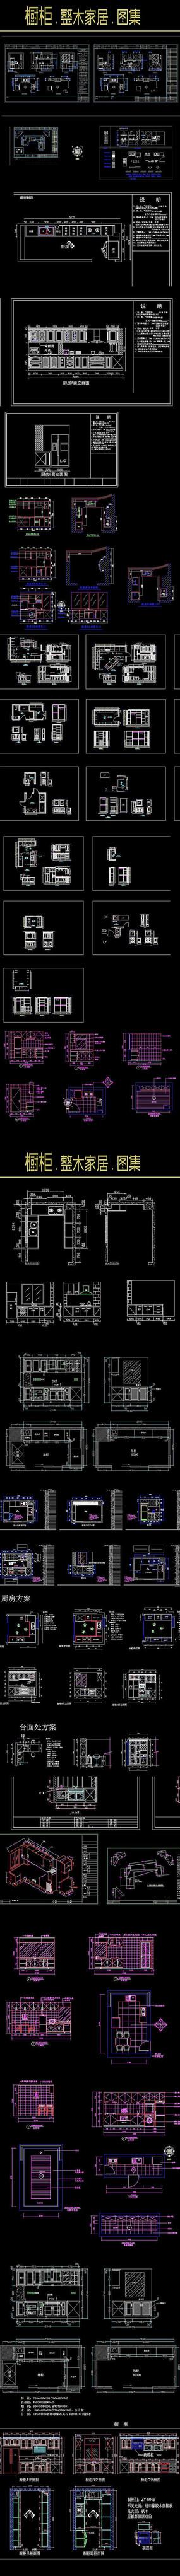 新款橱柜整木CAD图集